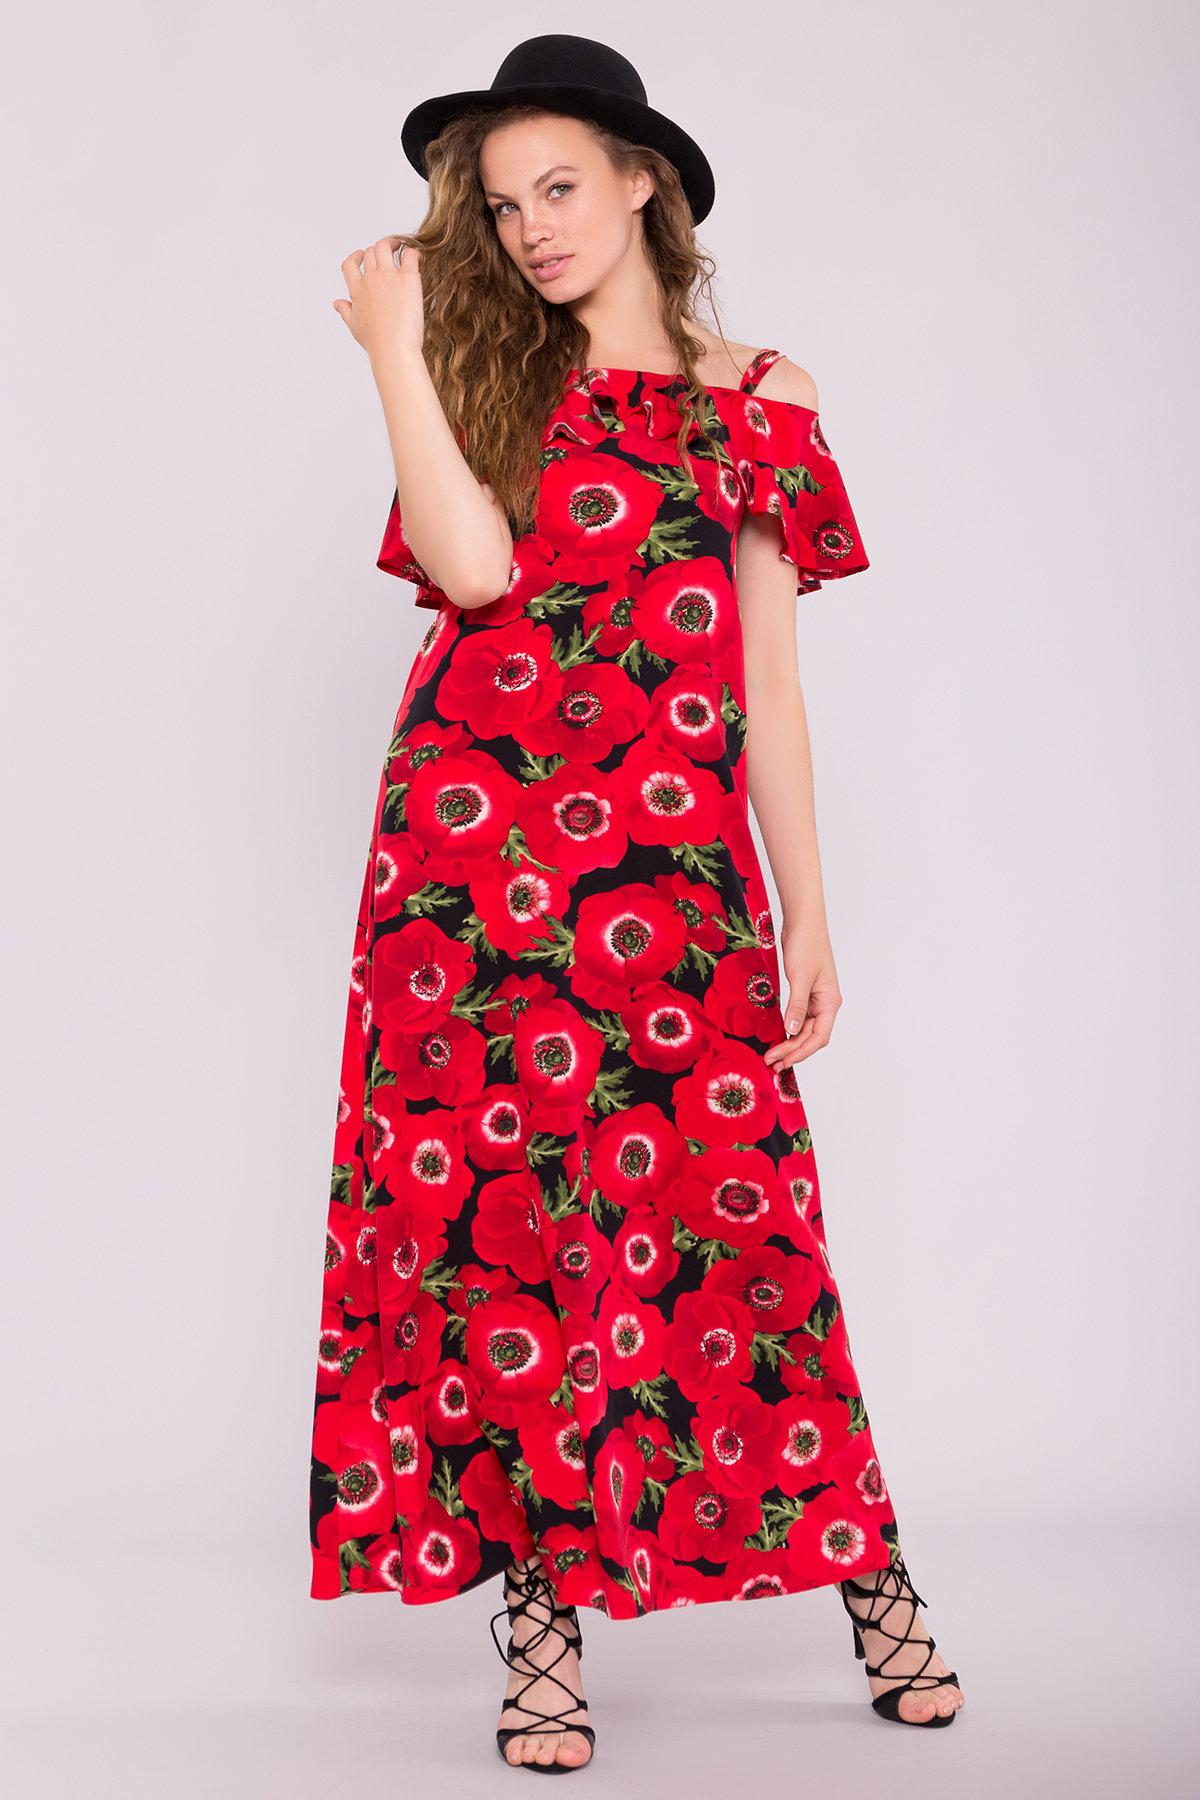 Платье Пикабу 7238 АРТ. 42803 Цвет: Маки крупные красн/черный - фото 4, интернет магазин tm-modus.ru